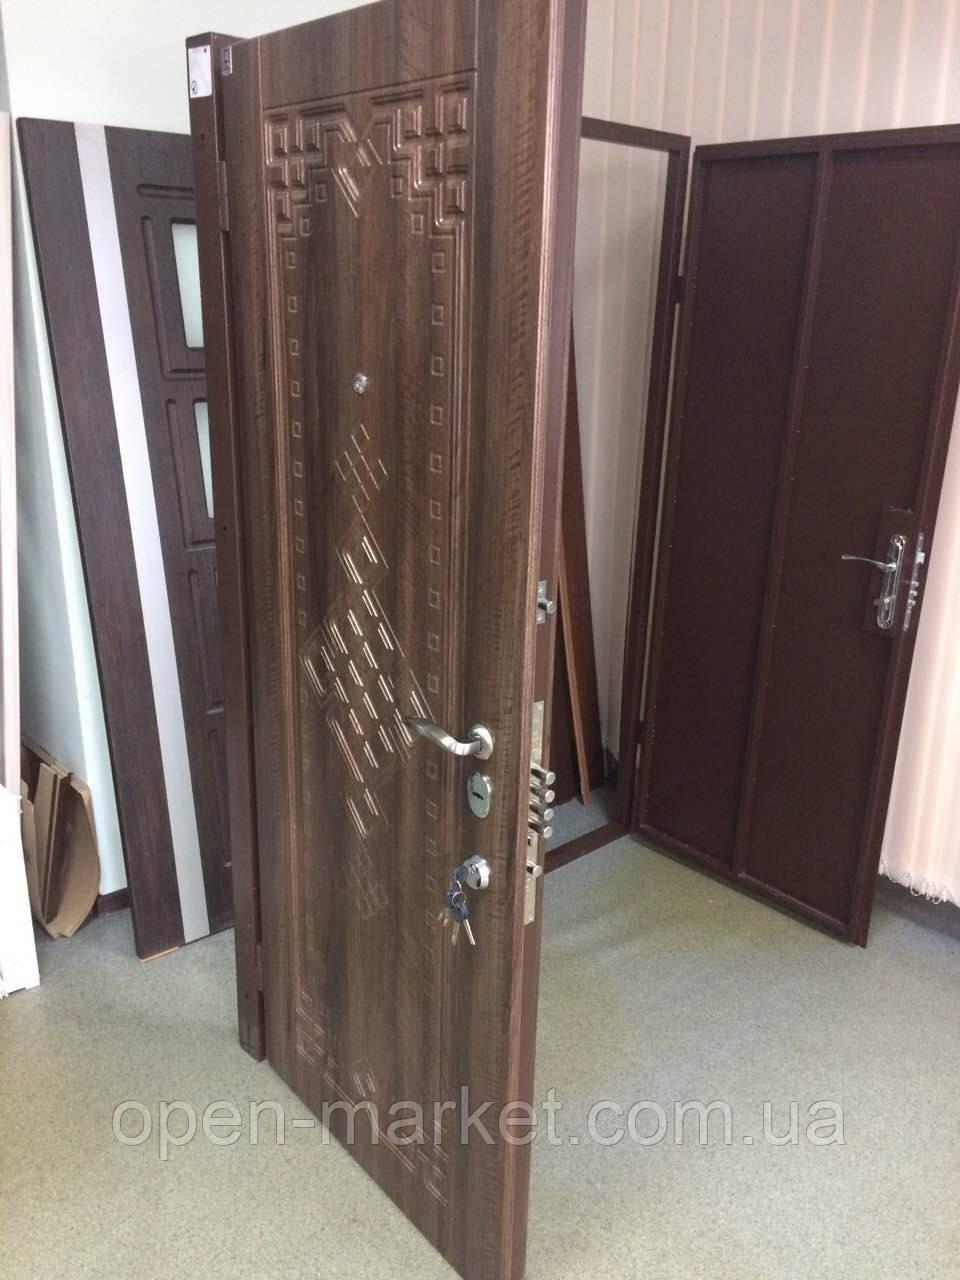 Модель 136 входные двери Саган Стандарт с замком Mottura (Моттура) 54.797, Николаев